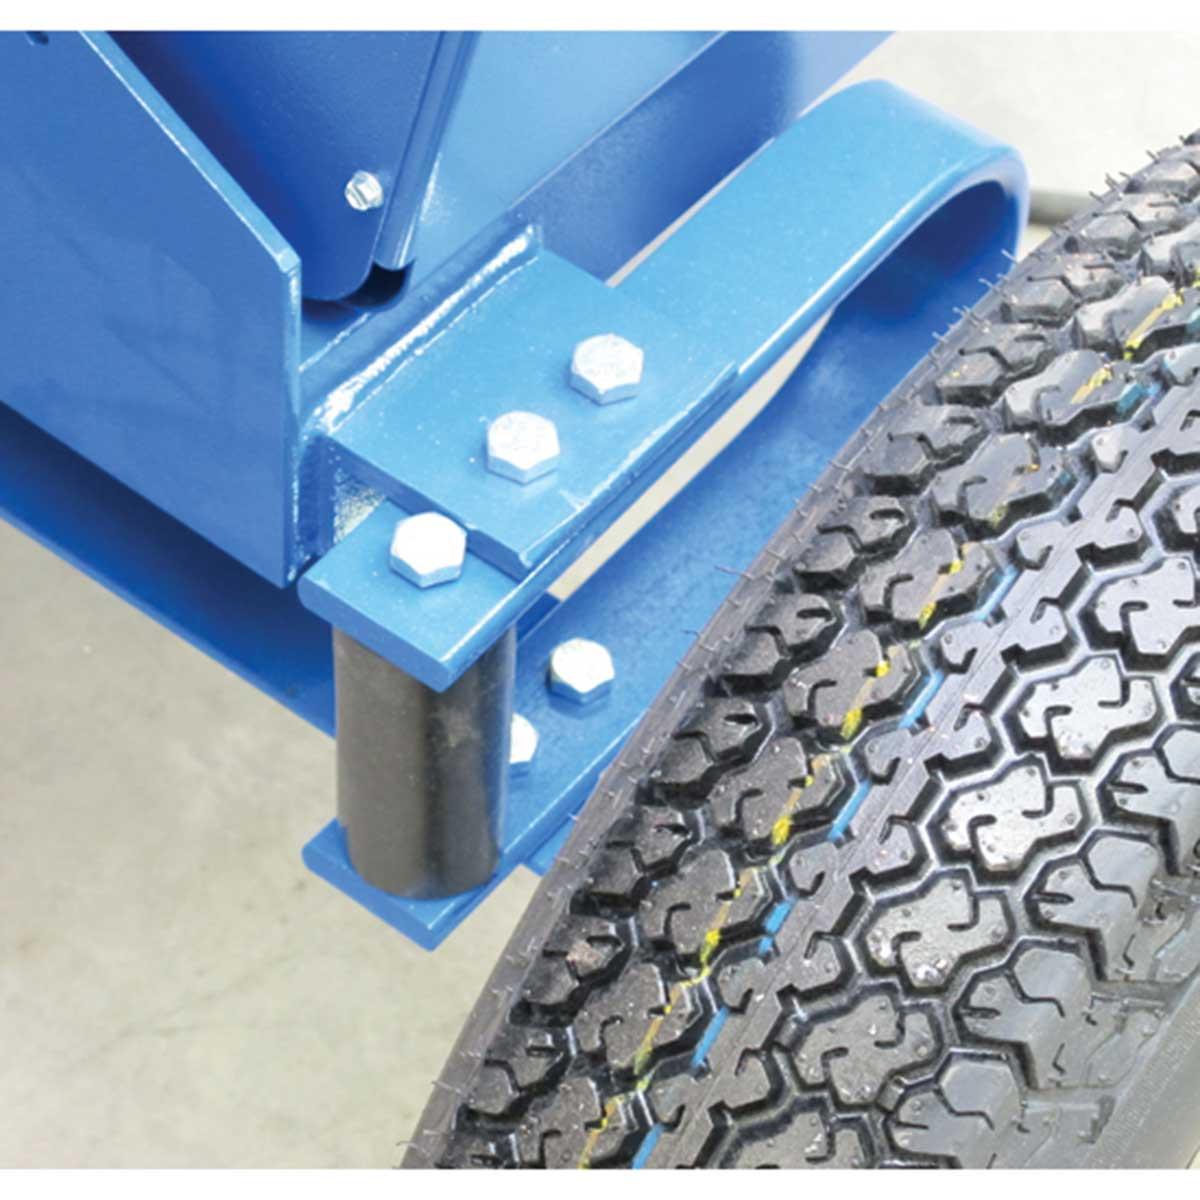 Cleform Gilson 600CM-PL tires